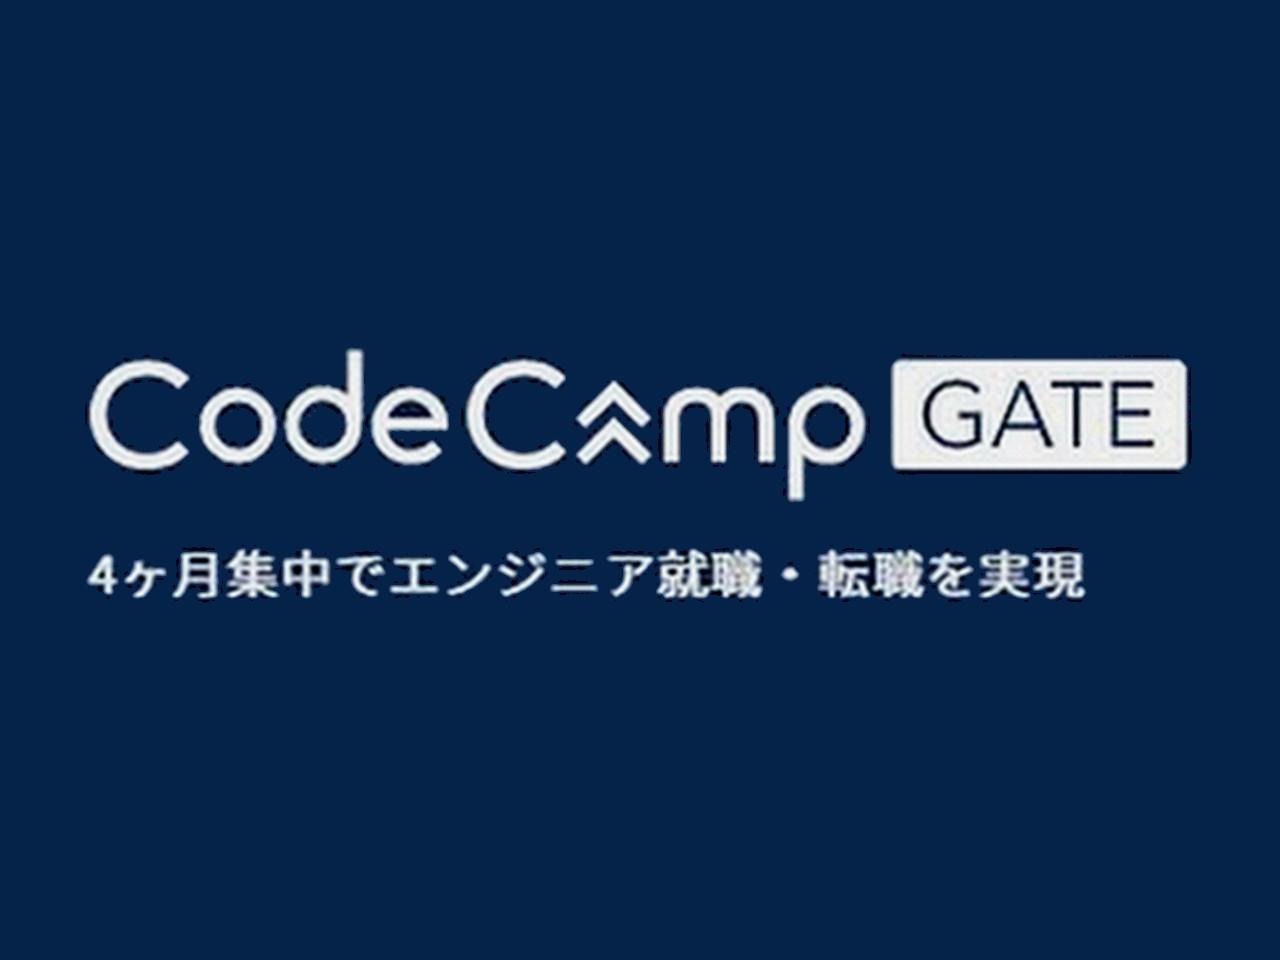 画像出典 : コードキャンプGATE公式サイト